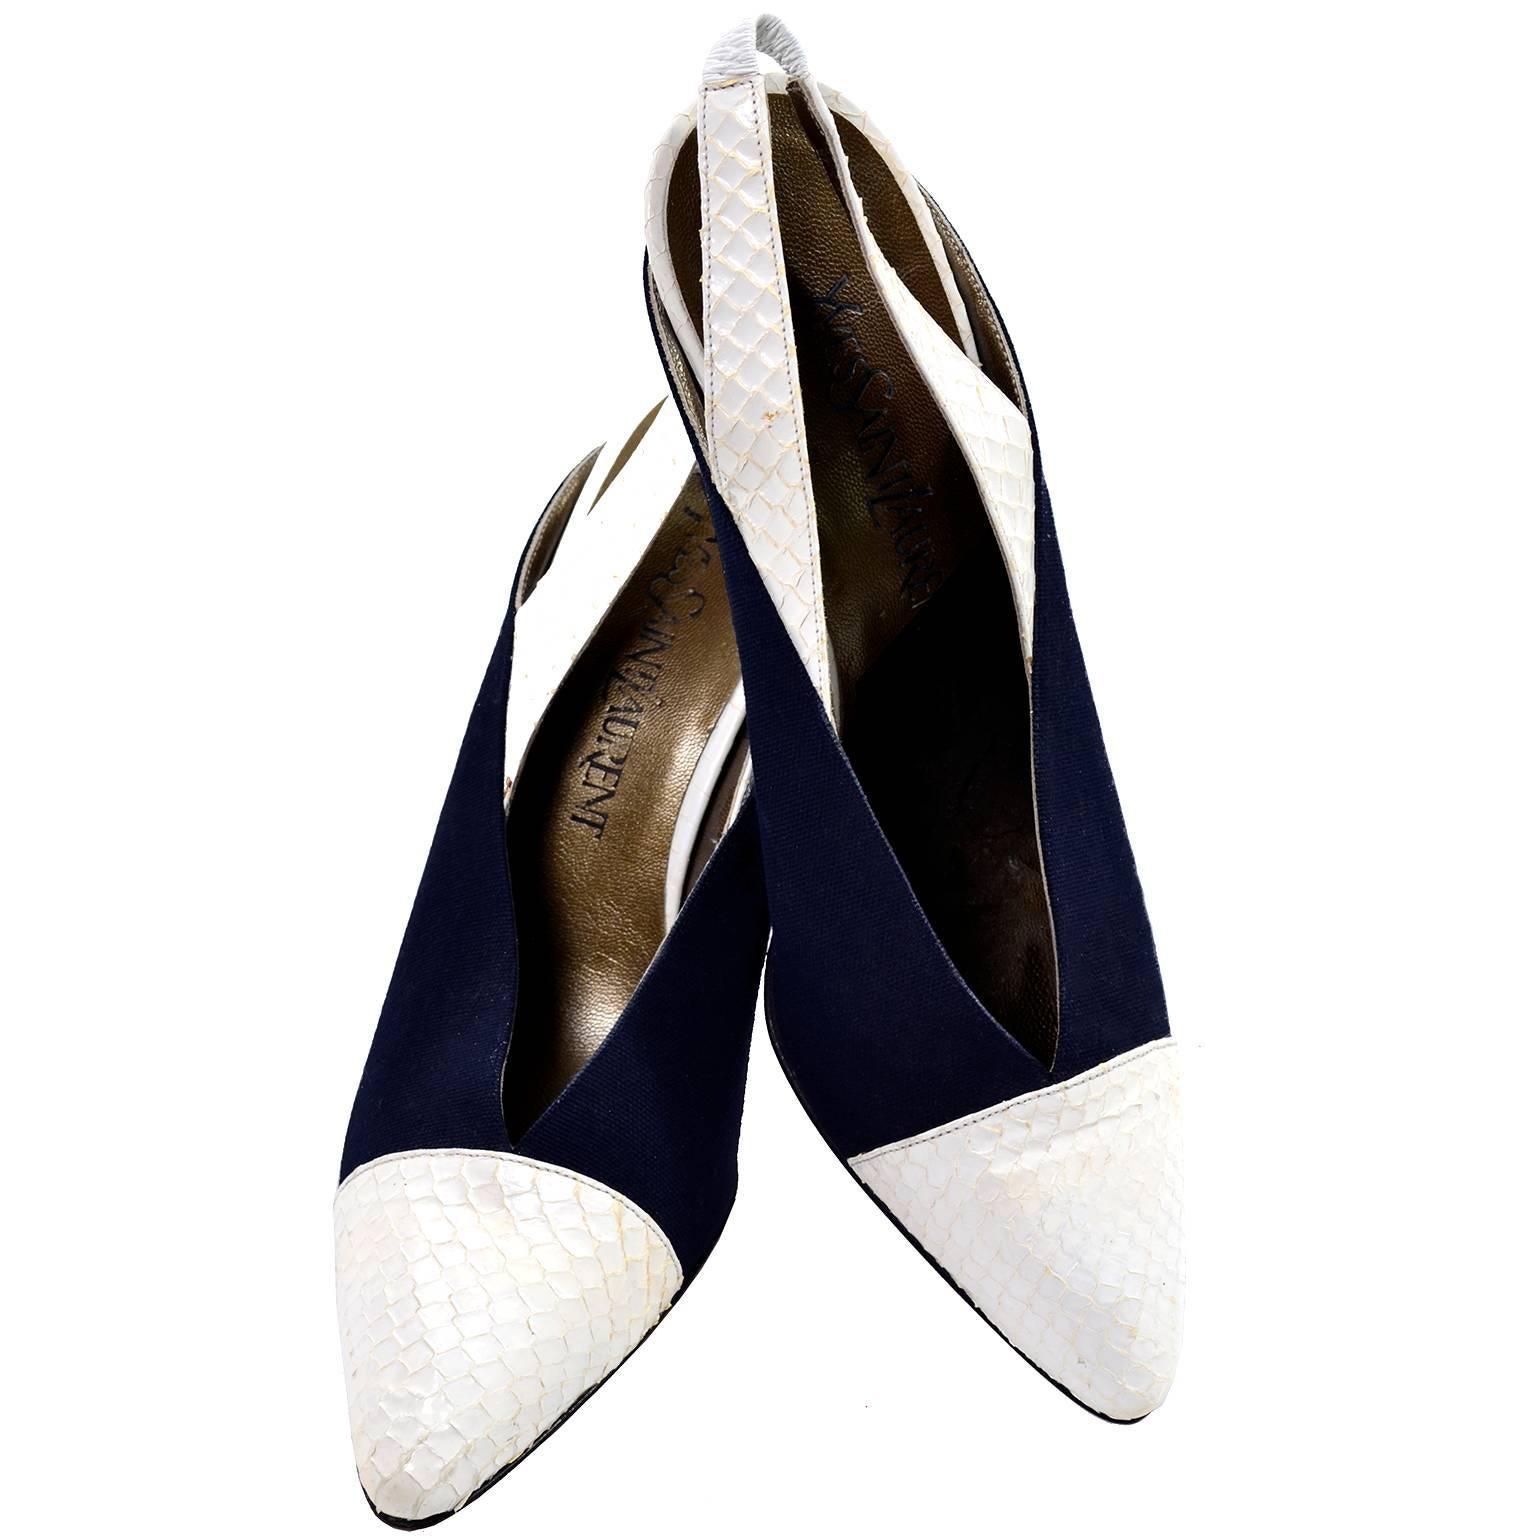 5b2f7d8ce51 Yves Saint Laurent Vintage Shoes YSL Snakeskin Slingback Heels 8N For Sale  at 1stdibs